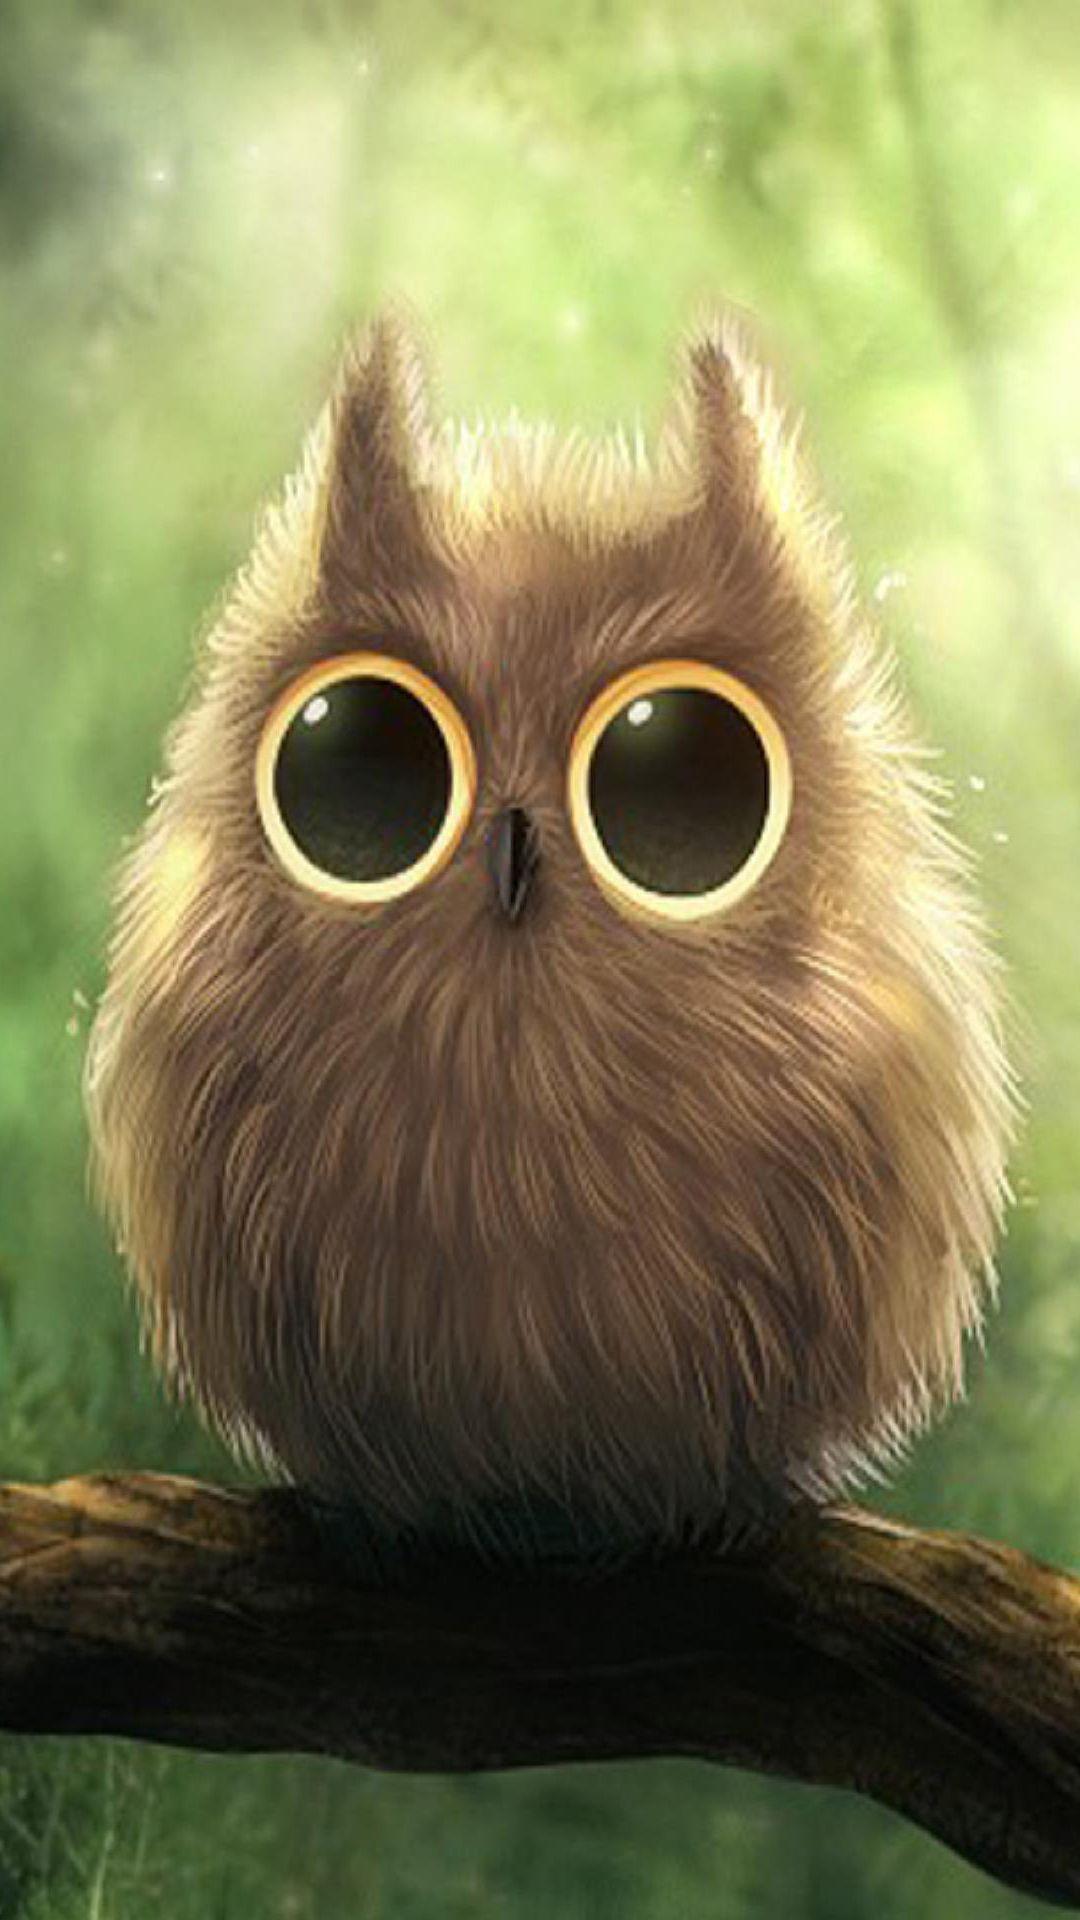 Cute Owl iPhone Wallpapers WallpaperSafari Oh My